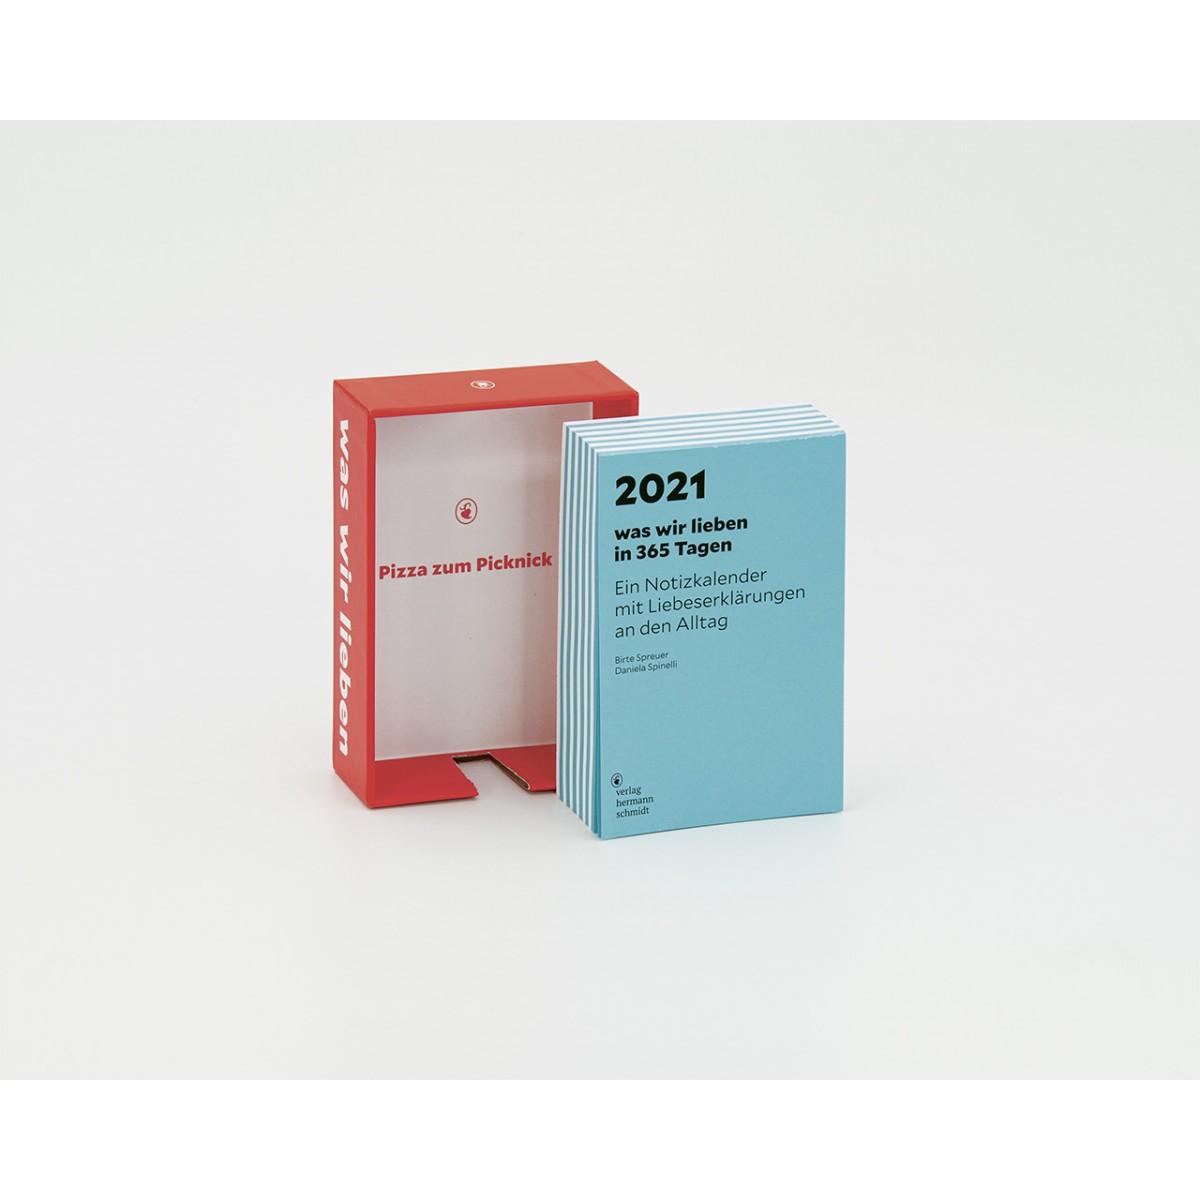 Verlag Hermann Schmidt »was wir lieben: in 365 Tagen« Ein Notizkalender für 2021 mit Liebeserklärungen an den Alltag